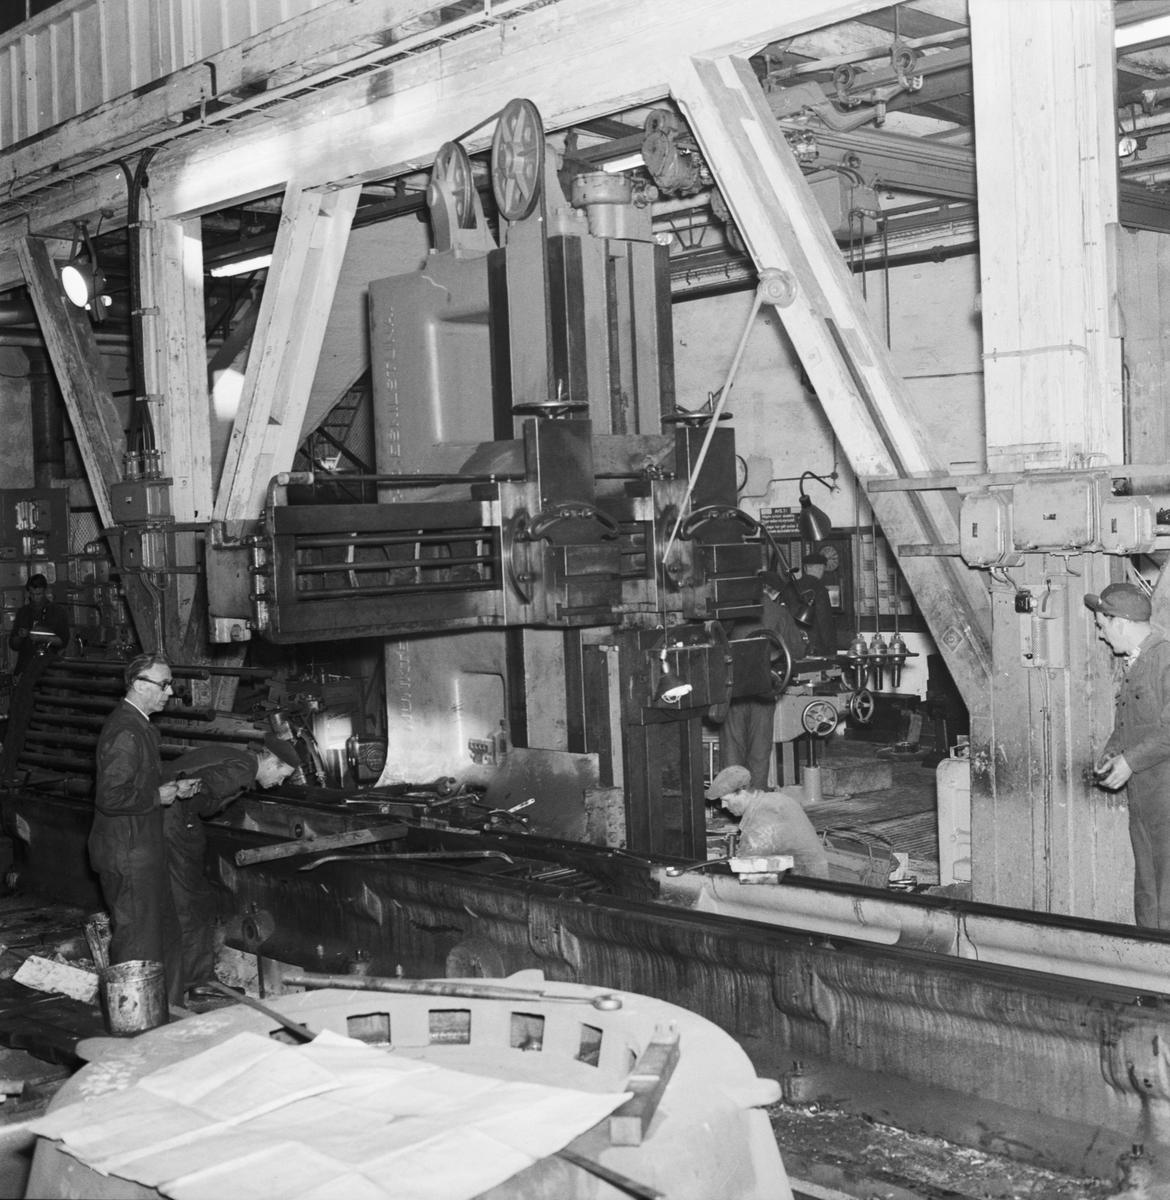 Övrigt: Foto datum: 24/1 1957 Byggnader och kranar Hyvel i maskinverkstan under arbete